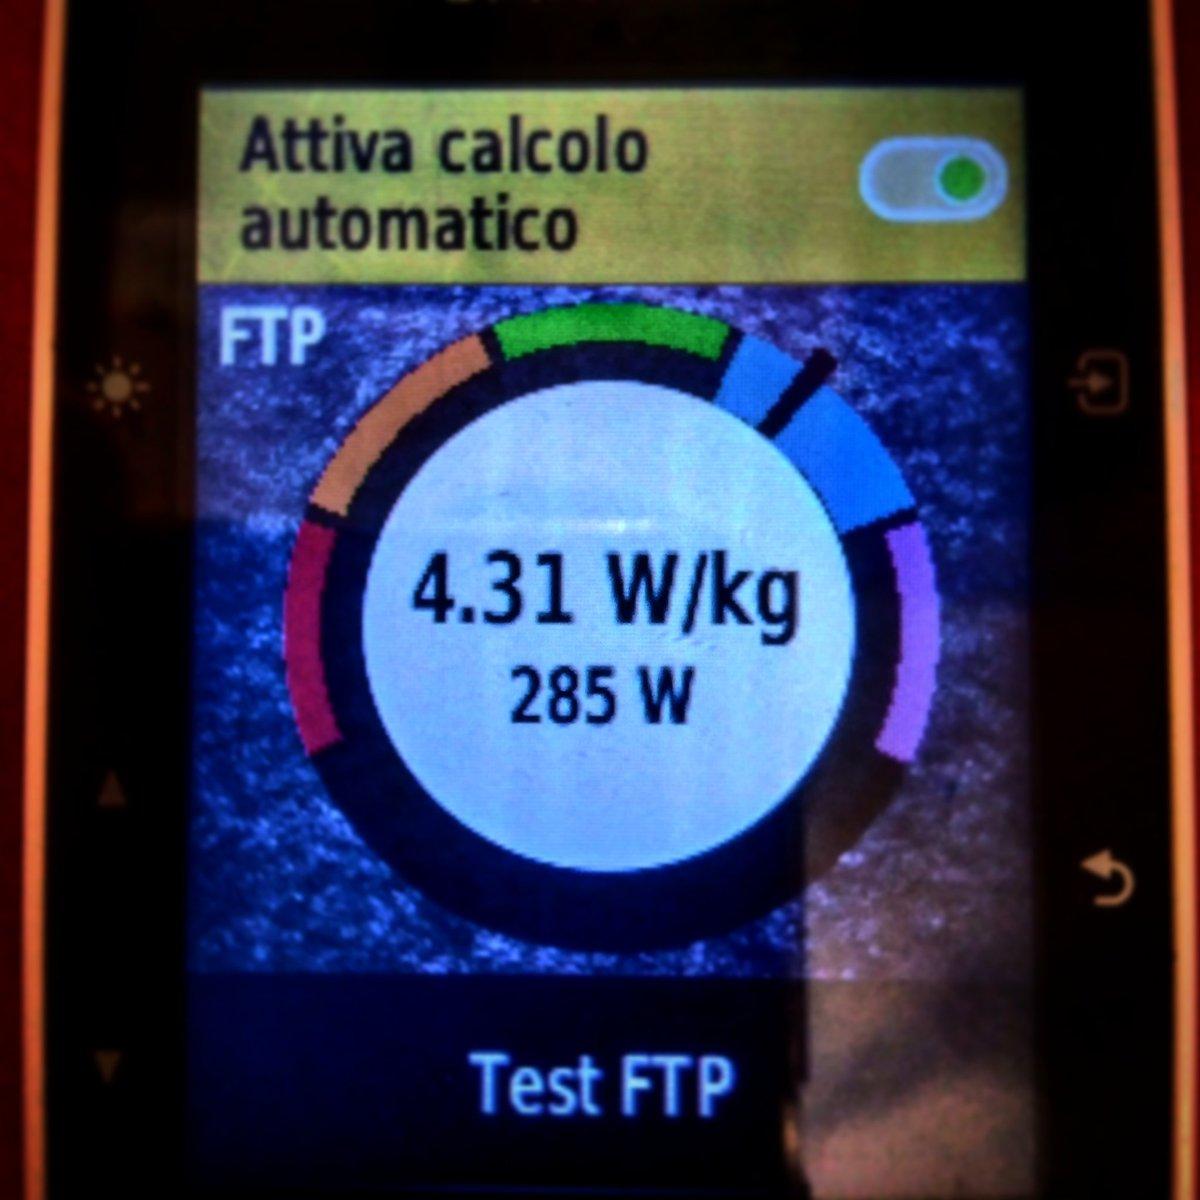 Test FTP : molto bene, dopo l'ultimo test dell'11 dicembre scorso ( 276 watt ) , stasera sono arrivato a 285 watt. Non male , vuol dire che sto' facendo un'ottimo allenamento #indoorcycling #hardtraining #garminedge520pic.twitter.com/9s2i478neI